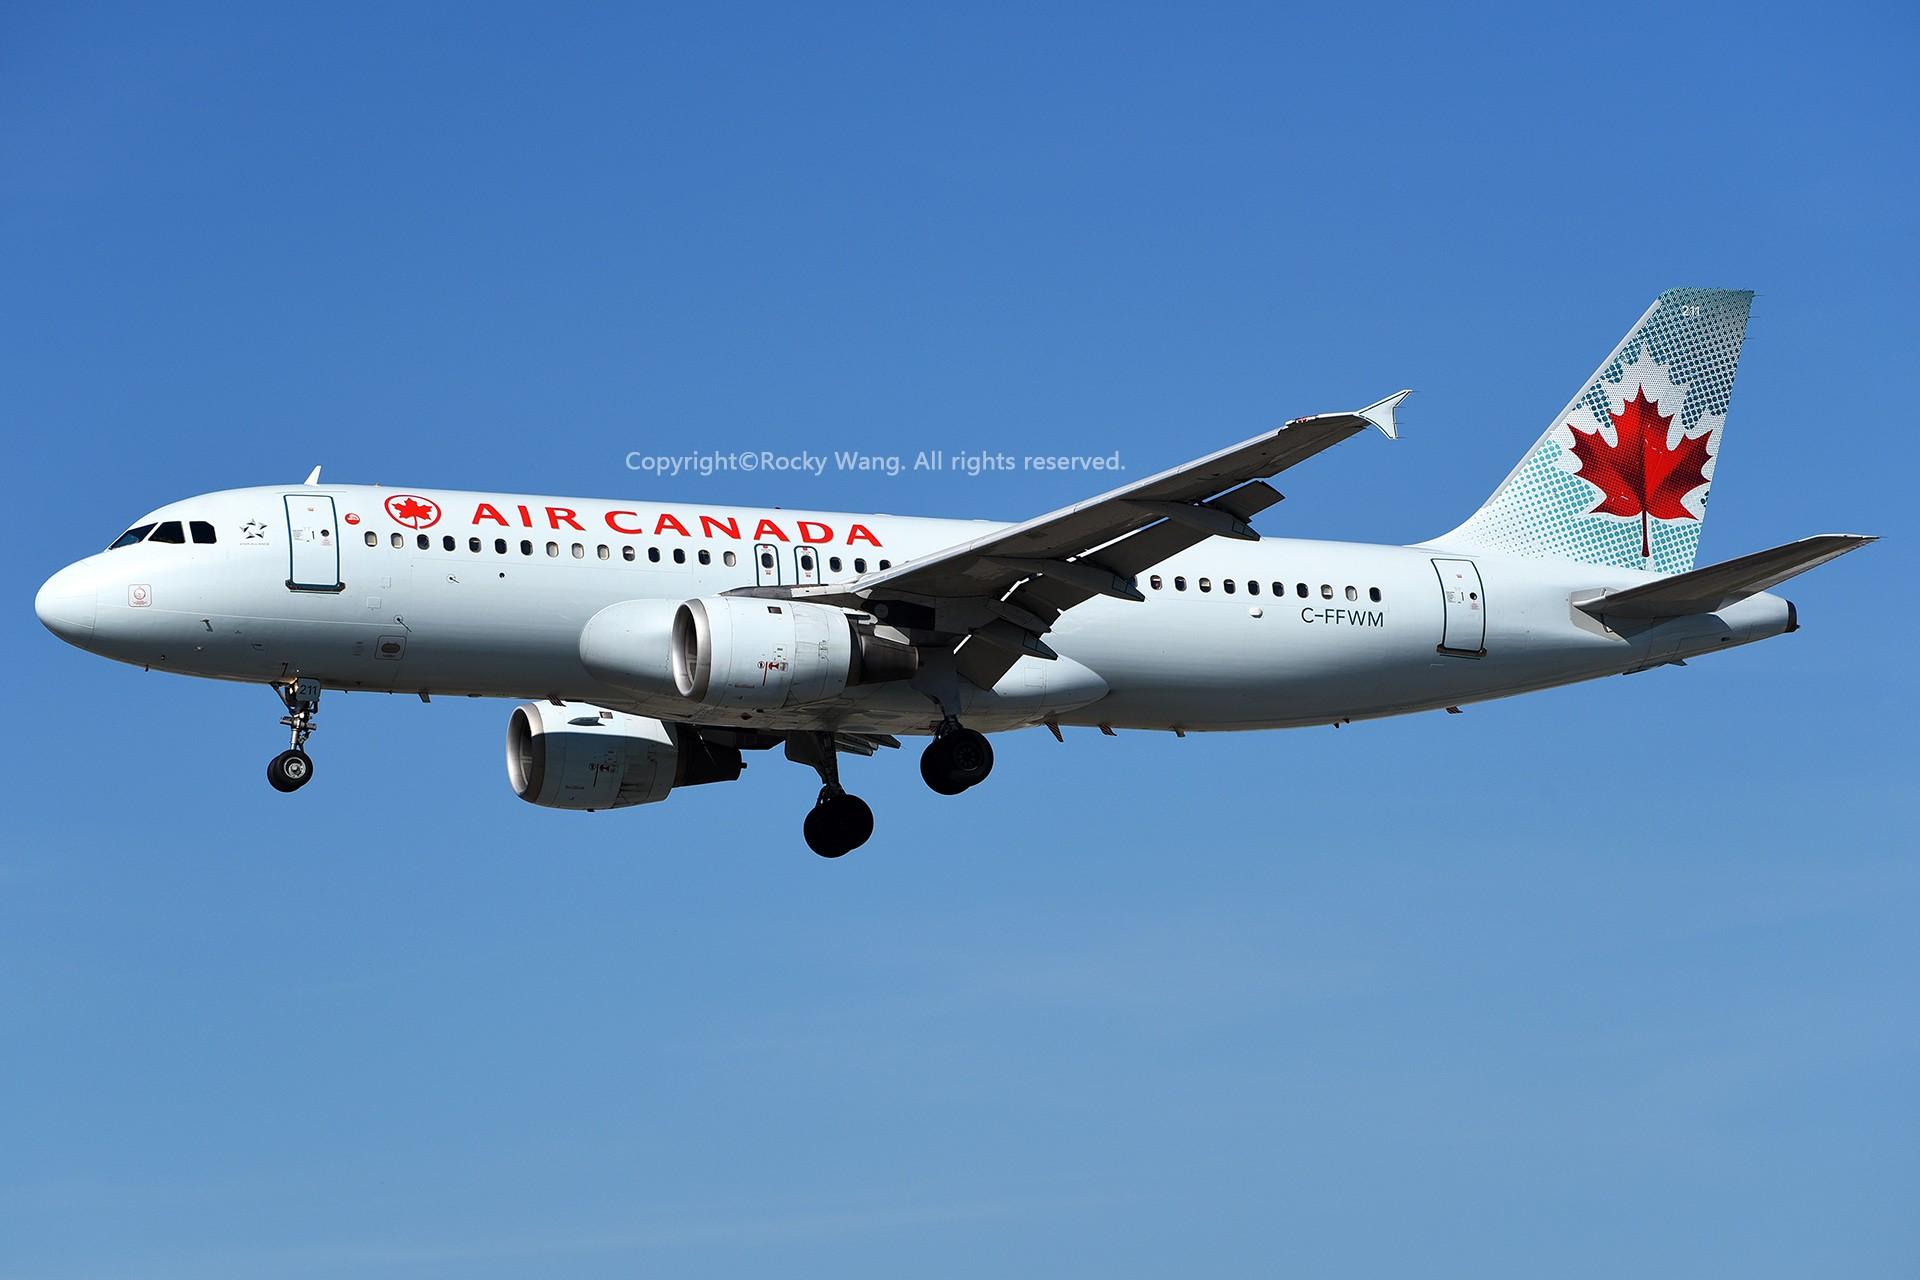 Re:[原创]窄体连连看 AIRBUS A320-211 C-FFWM 加拿大多伦多皮尔逊机场